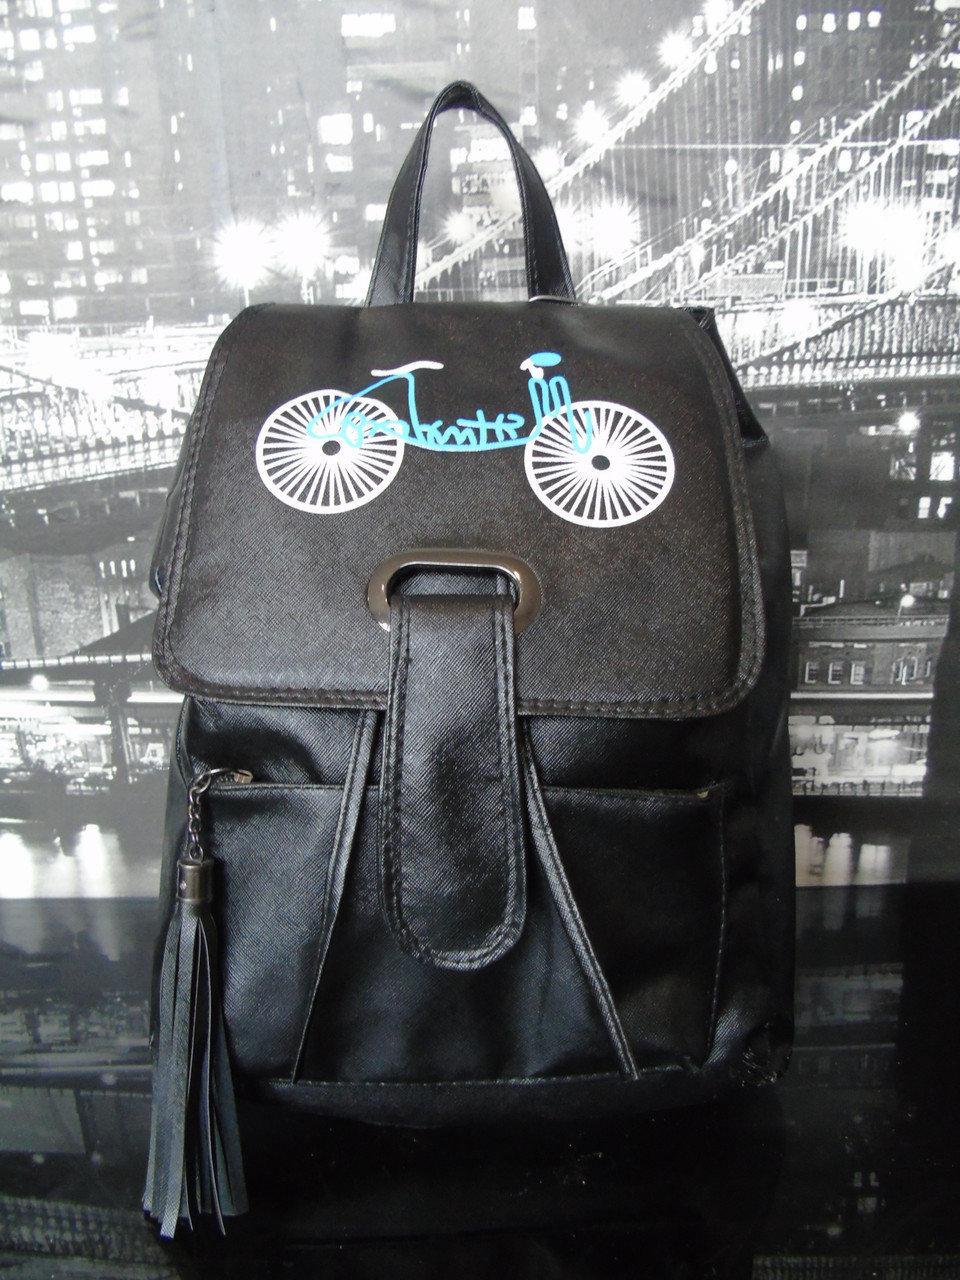 Рюкзак чёрный женский или подростковый. Рюкзак женский. Рюкзак подростковый чёрный.